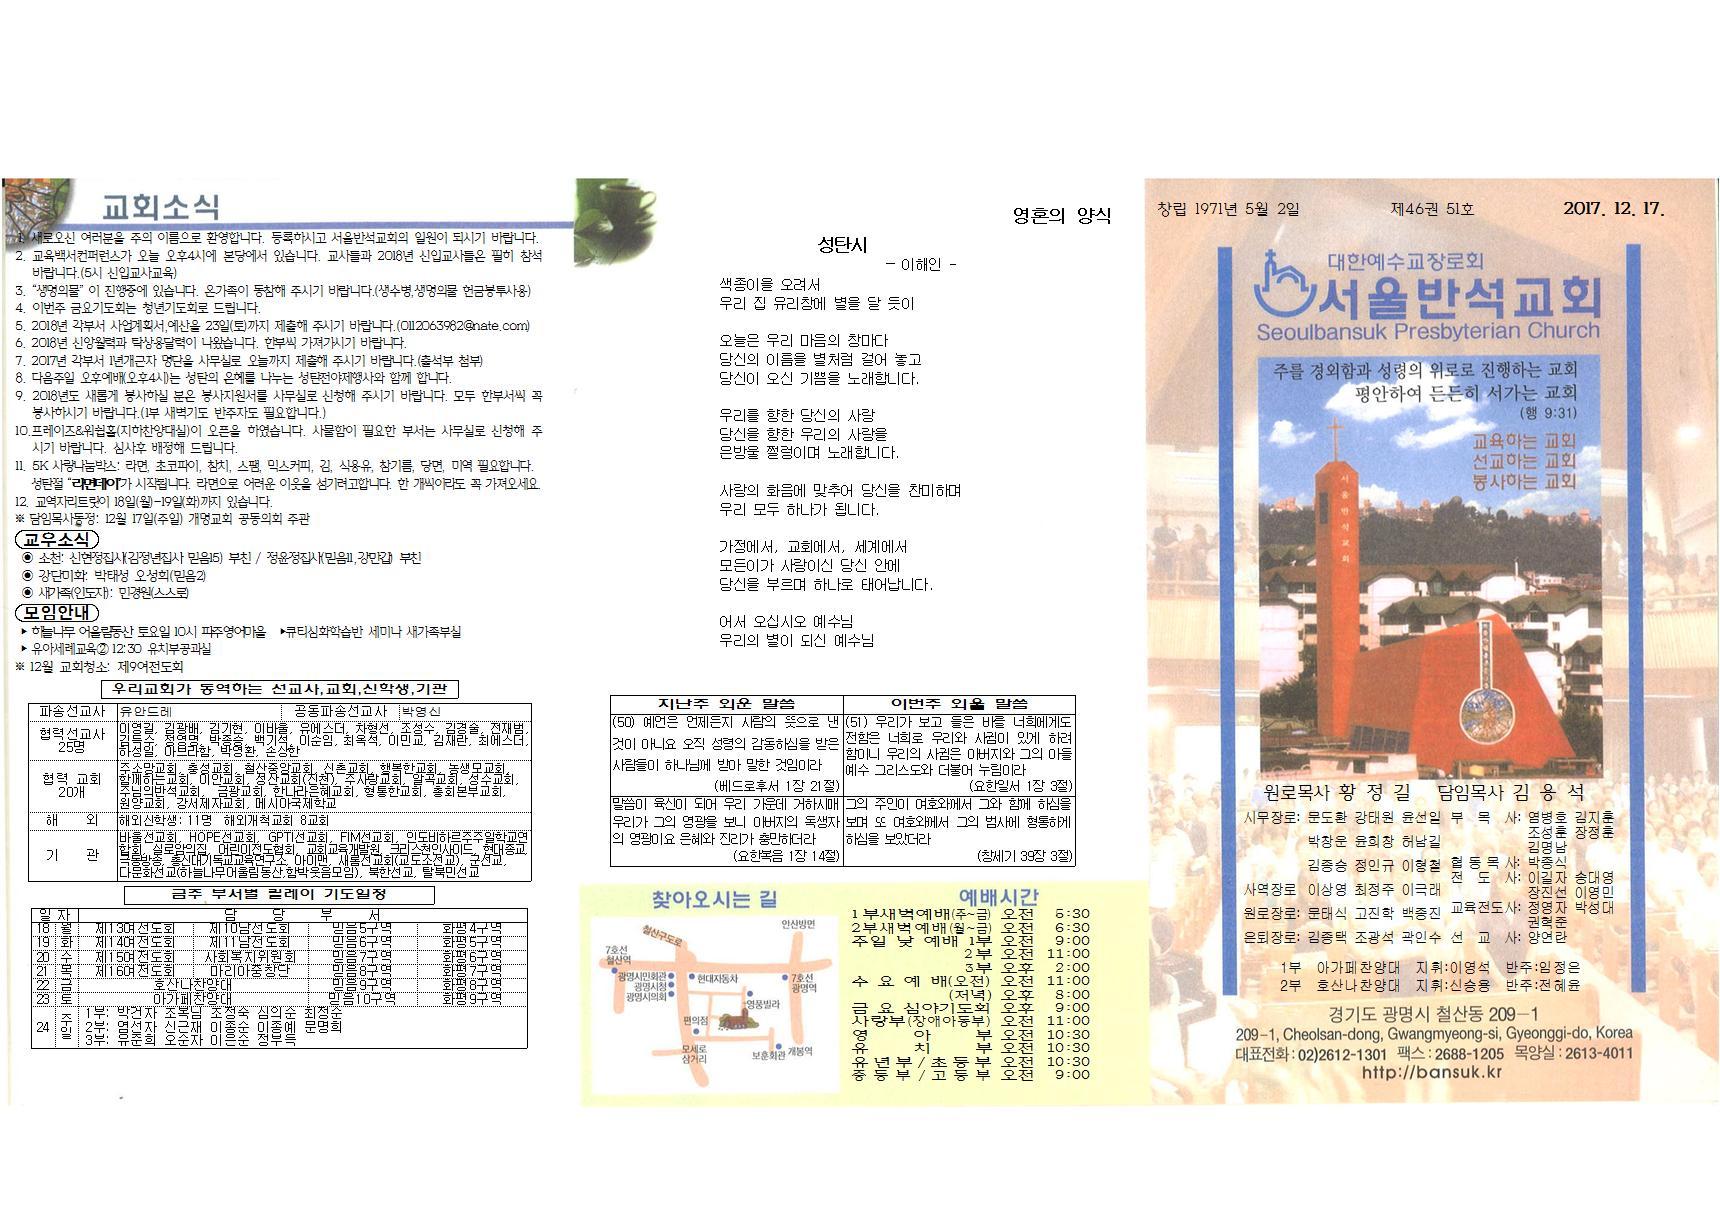 주보 제46권 51호(2017.12.17)